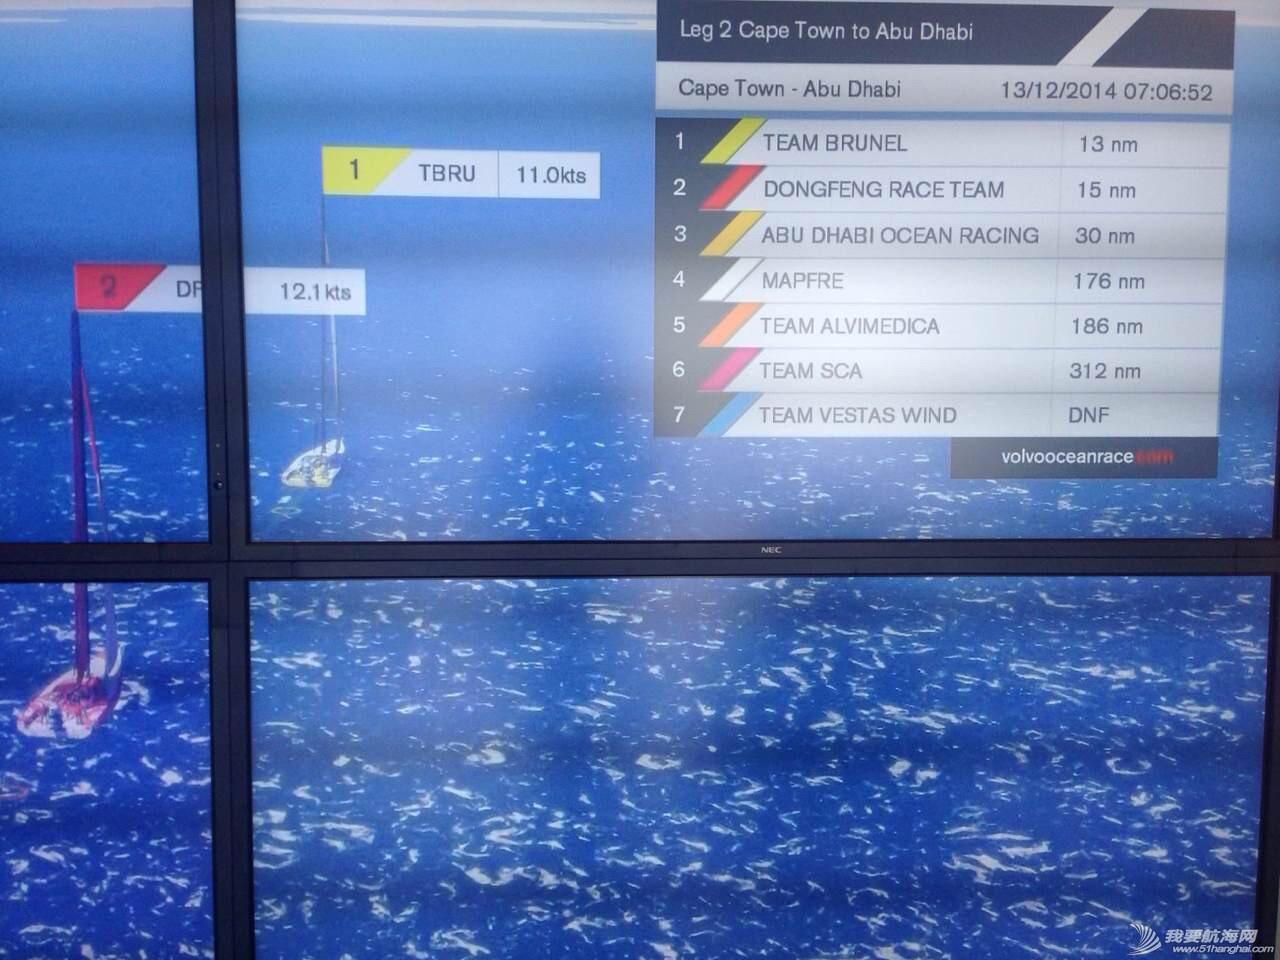 积分榜,北京时间,沃尔沃,阿布扎比,比赛结果 第二赛段东风队十几分钟之差屈居第二,布鲁内尔队获第一 沃尔沃环球帆船赛前线报道 现场的赛事排名表,东风队位列第二